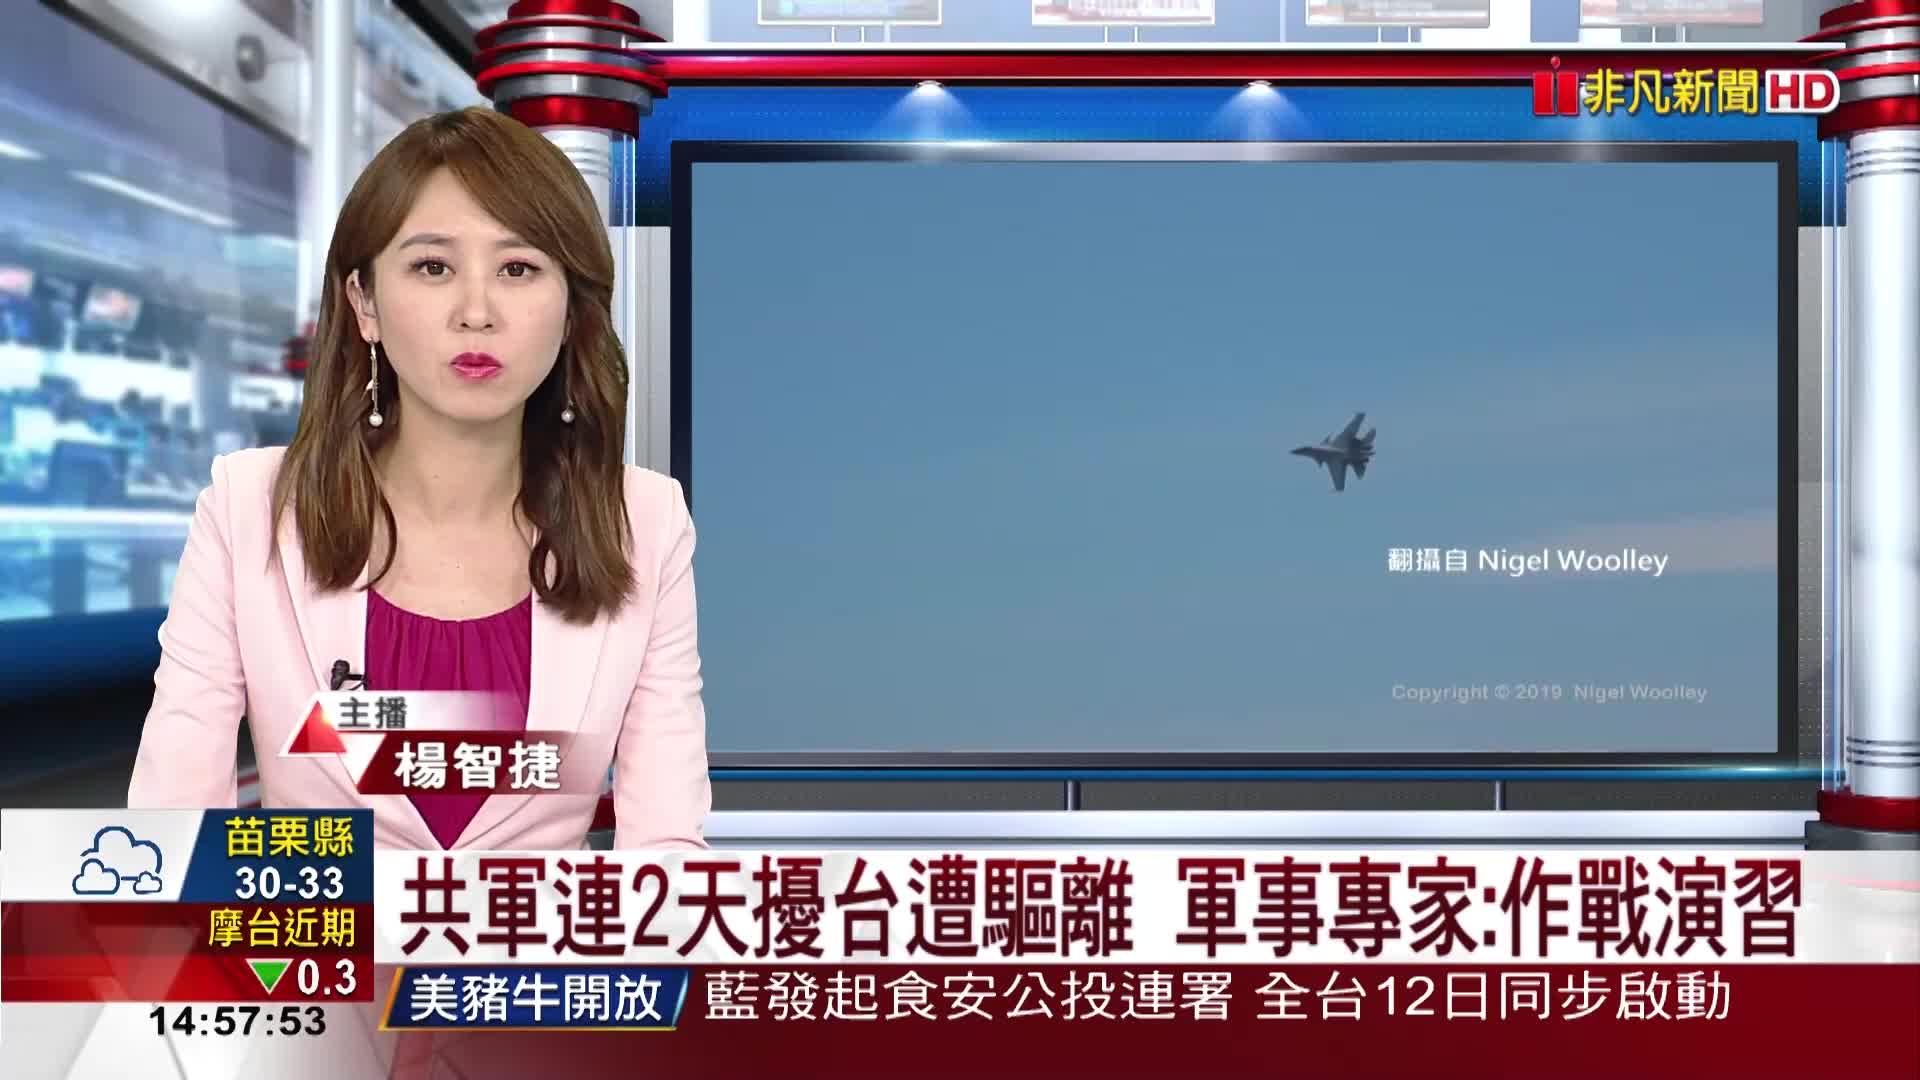 共軍連2天擾台遭驅離 軍事專家:作戰演習